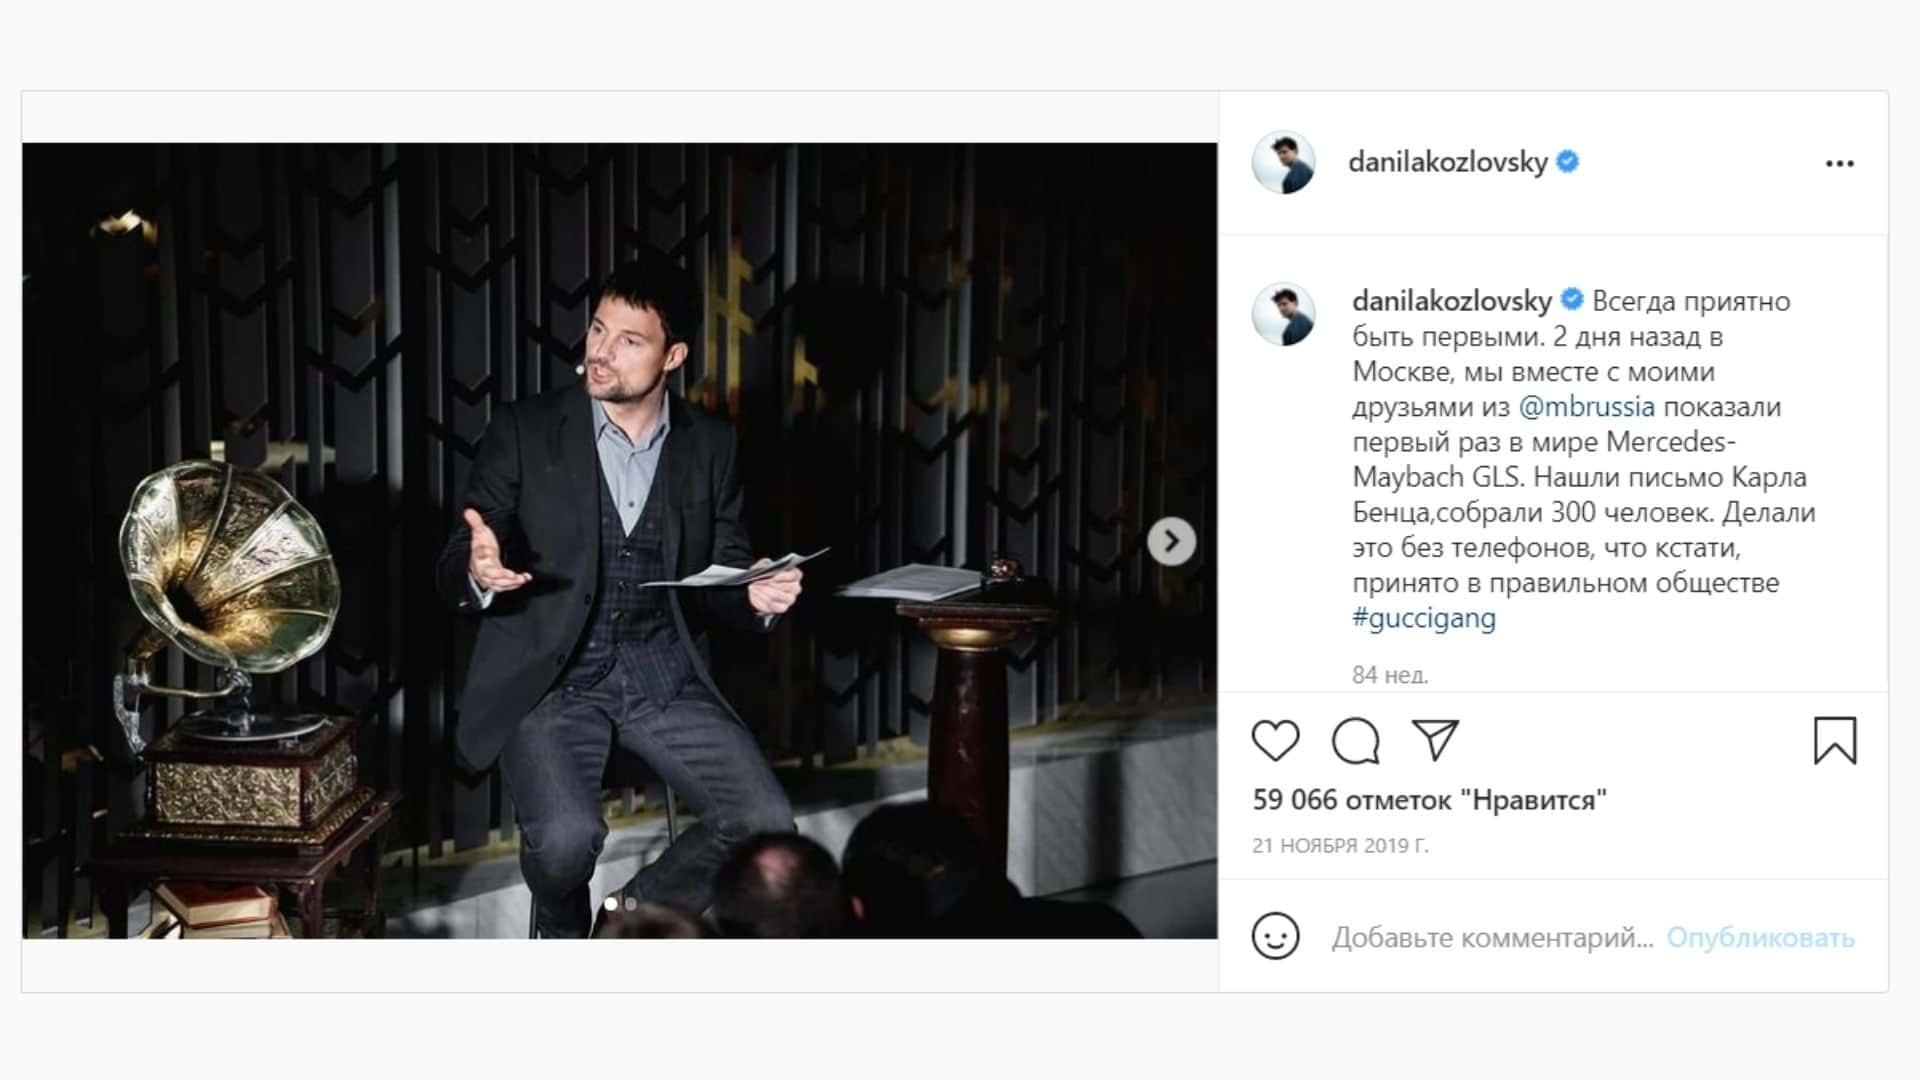 Актер Данила Козловский – посол бренда одежды «Гуччи» в России. Представили его на рождественской вечеринке бренда в 2016 году